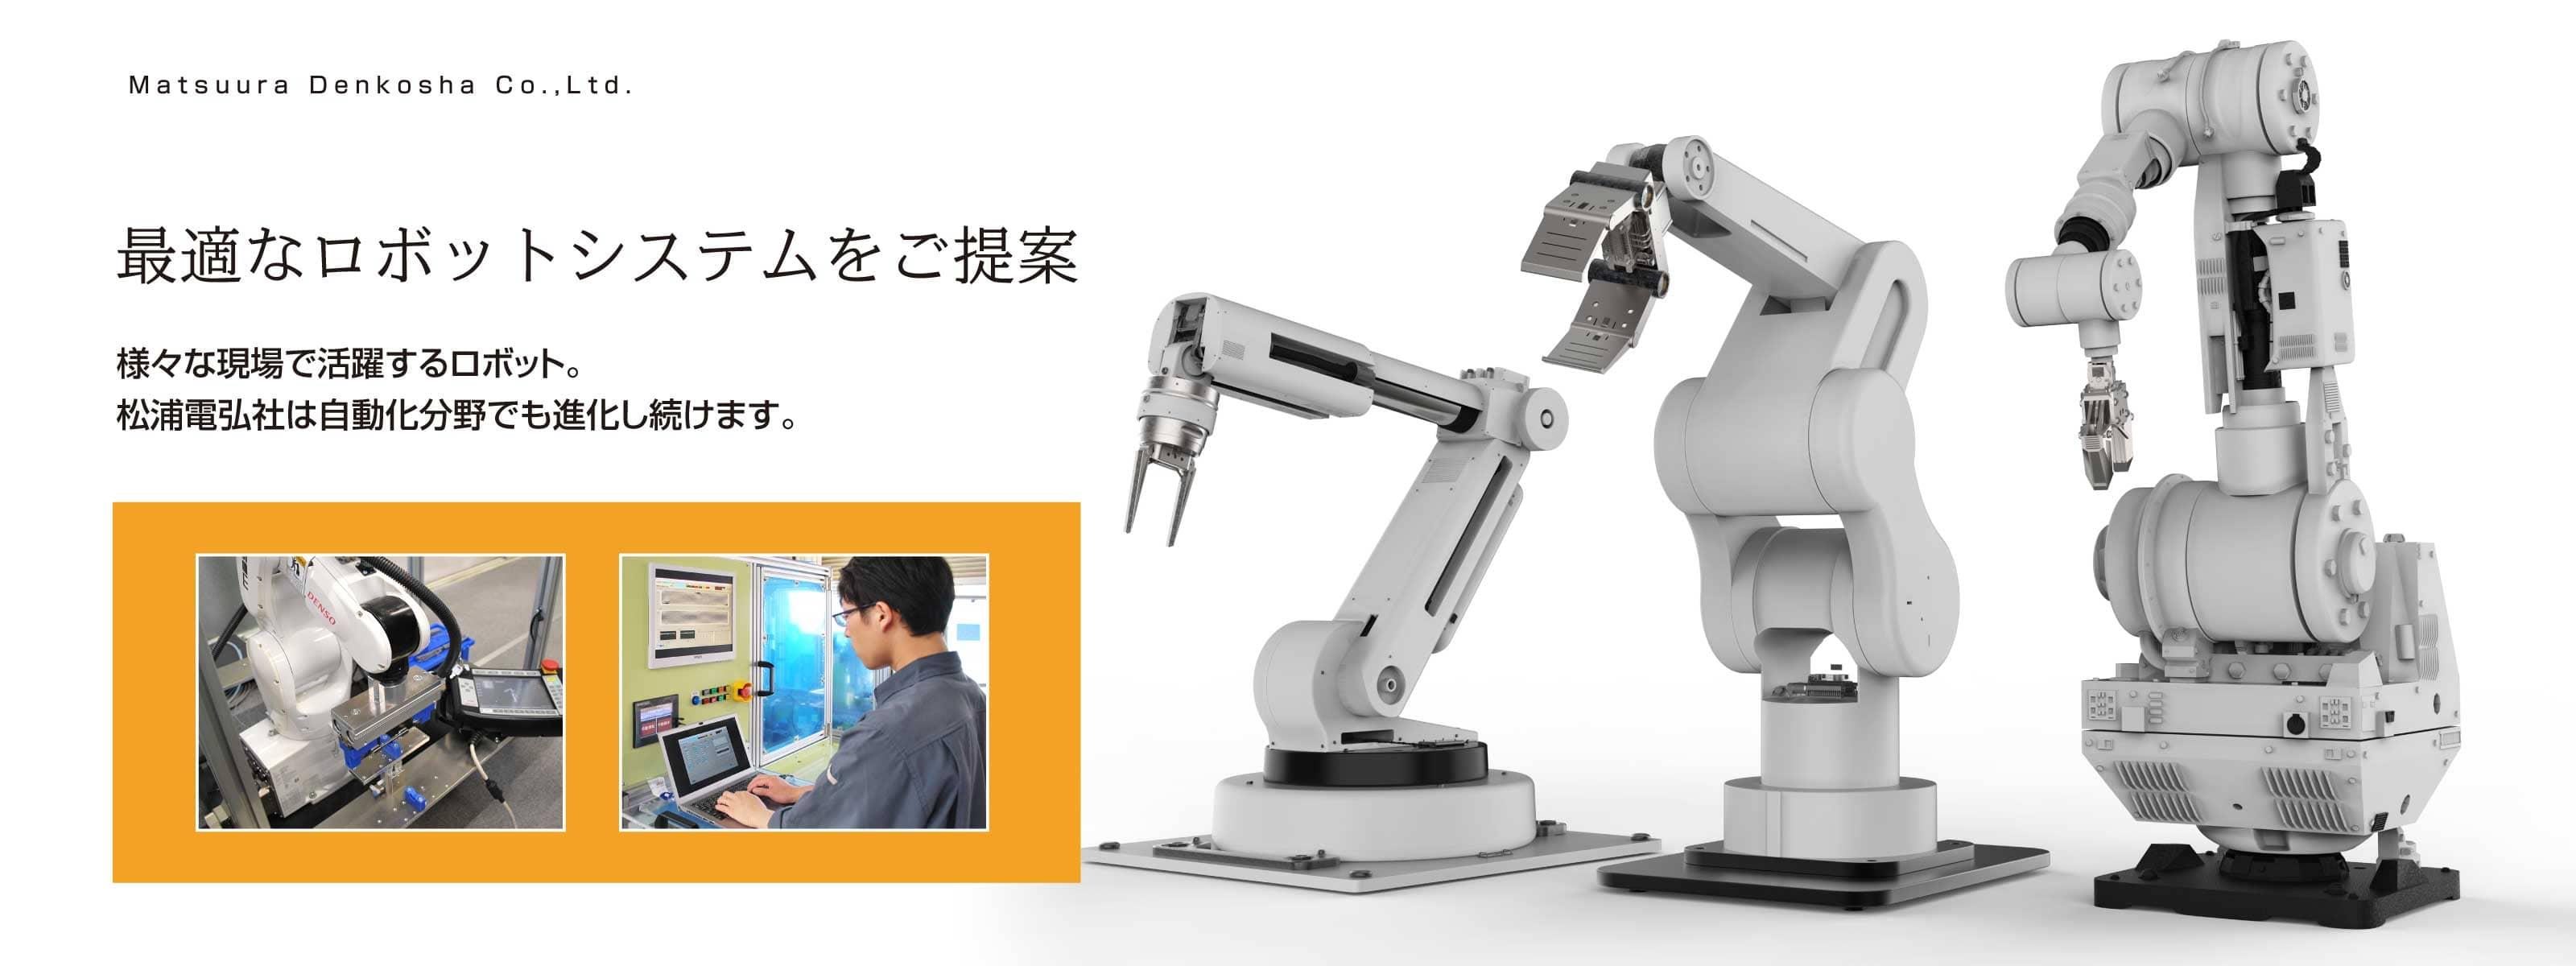 最適なロボットシステムご提案 松浦電弘社は自動化分野でも進化し続けます